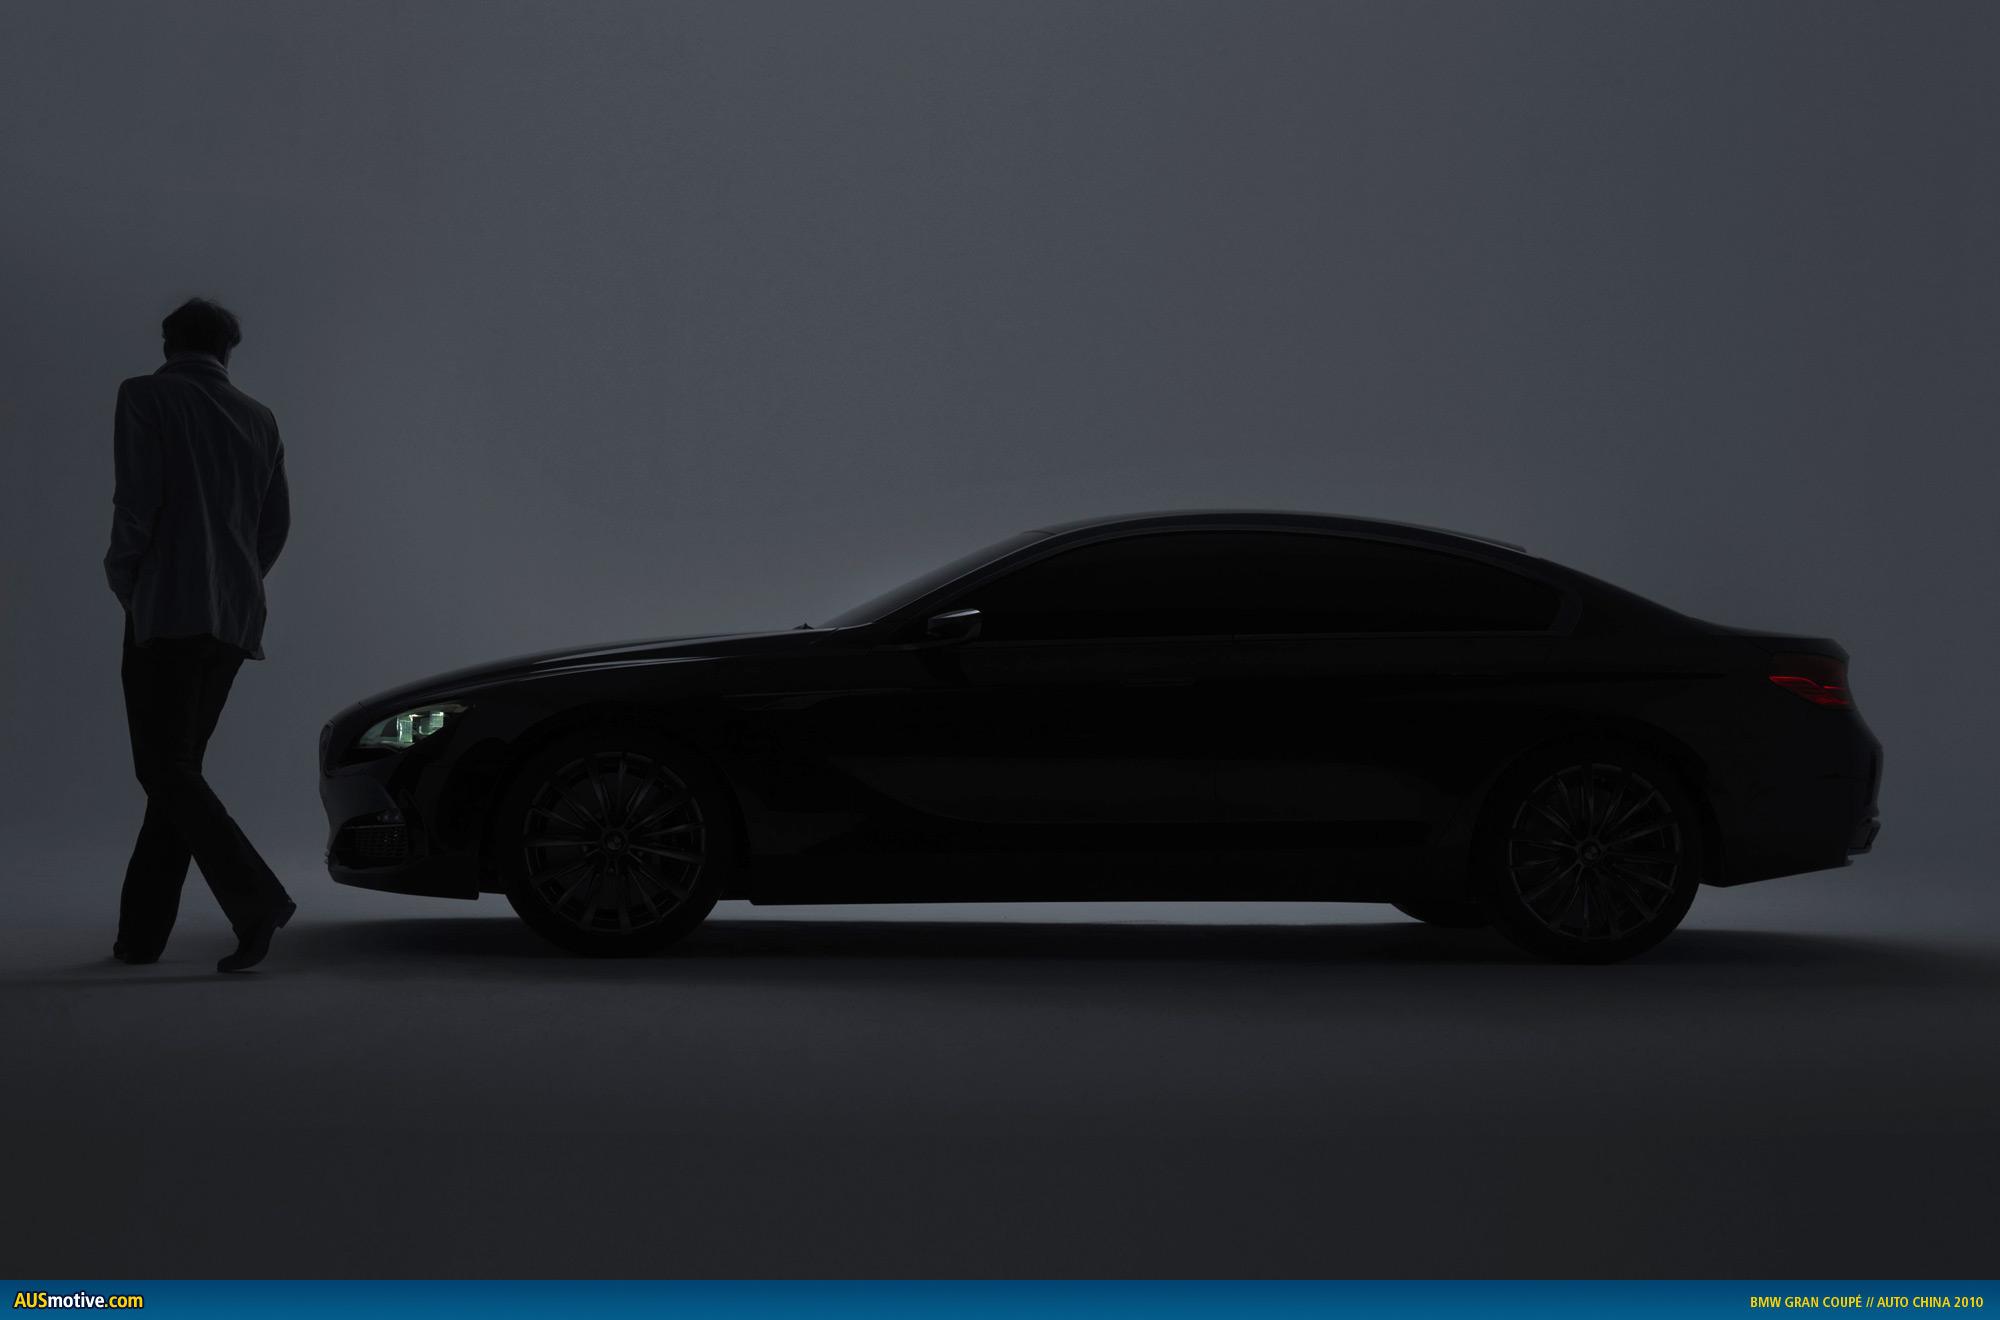 AUSmotive.com » Auto China: BMW Gran Coupé